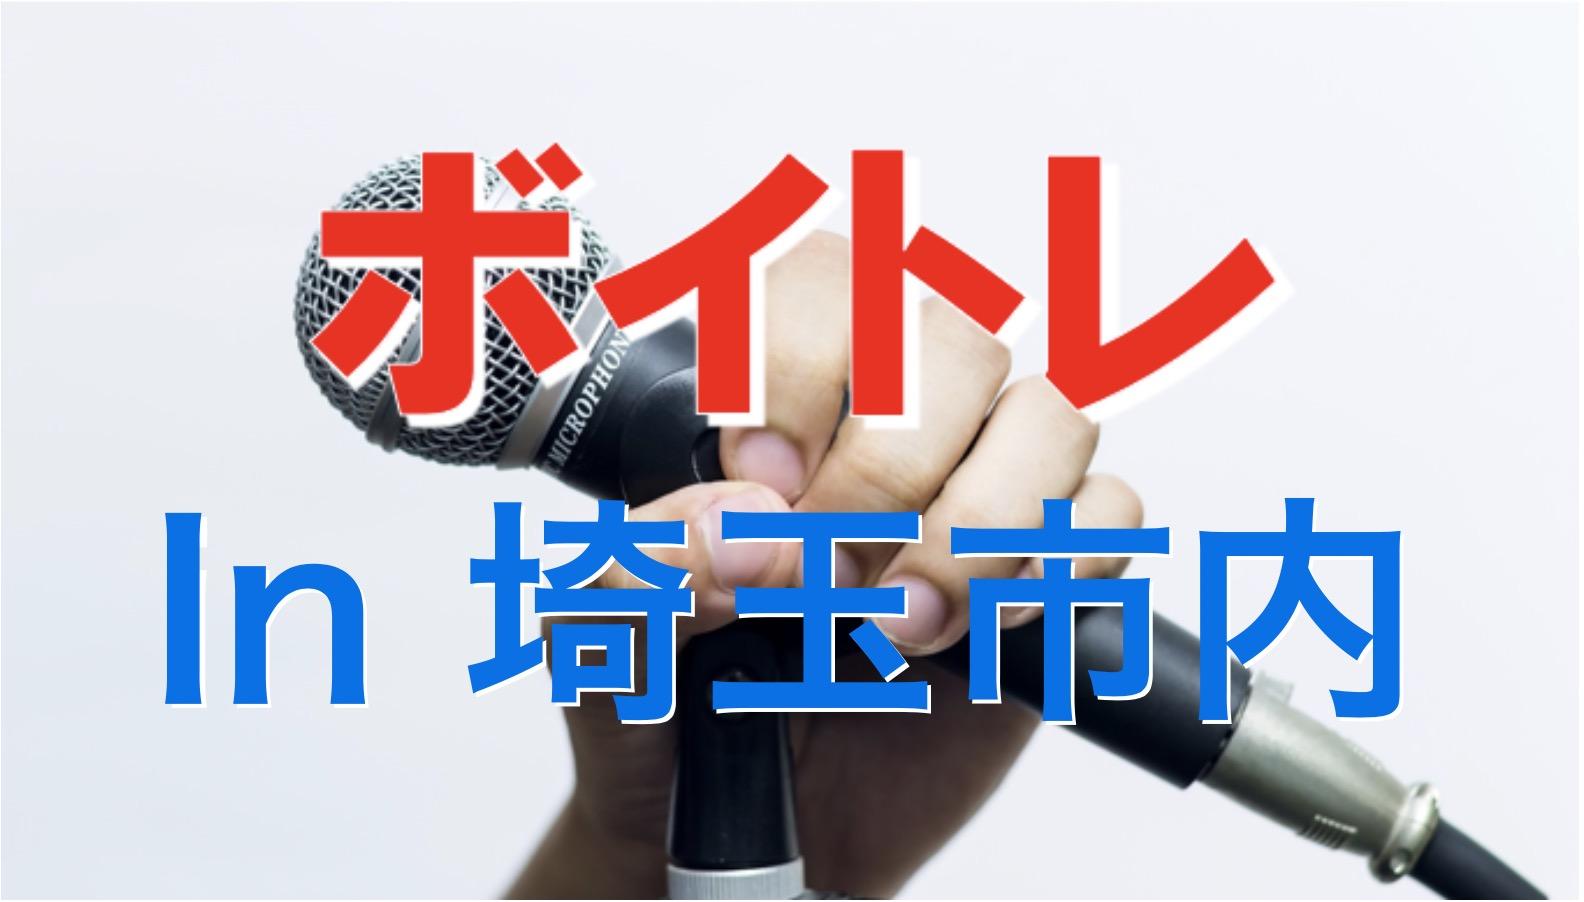 ボイトレ 埼玉市